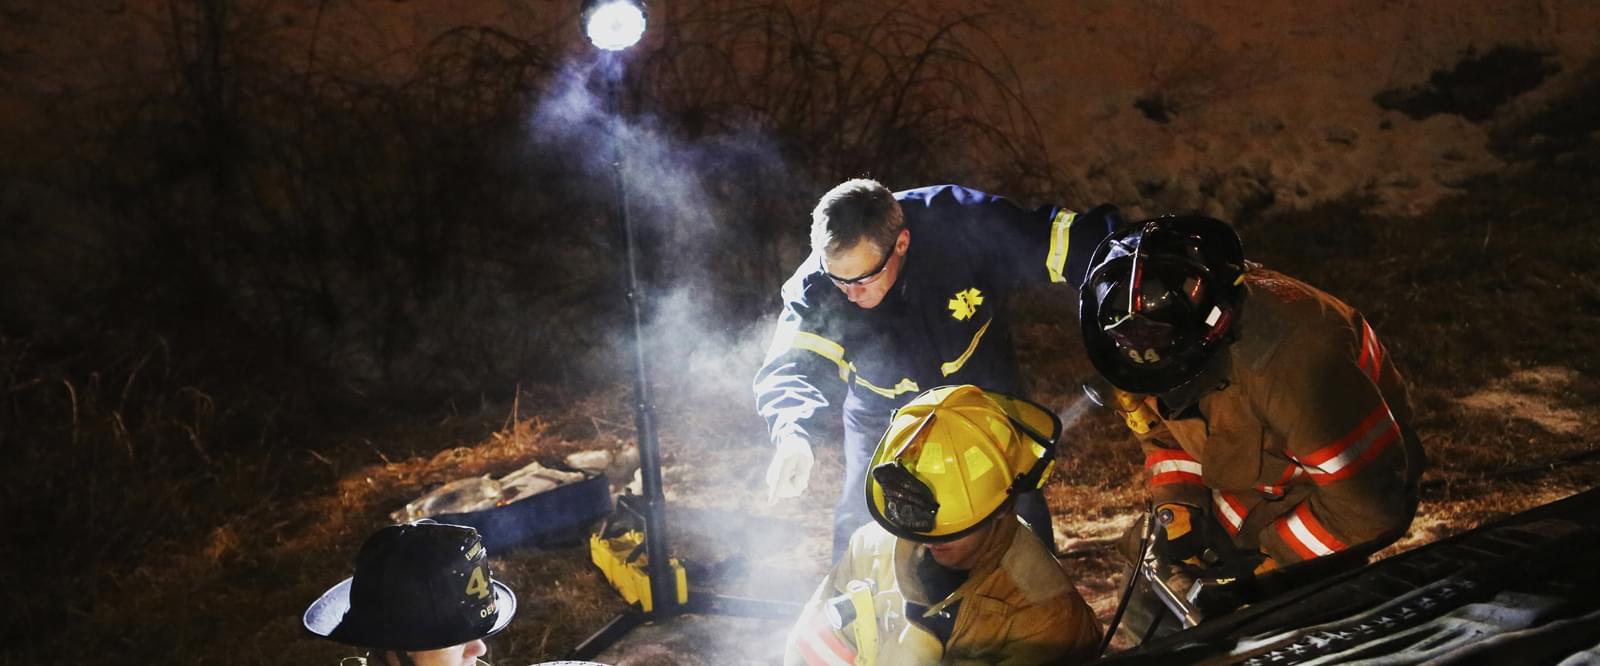 Olycksplatsbelysning